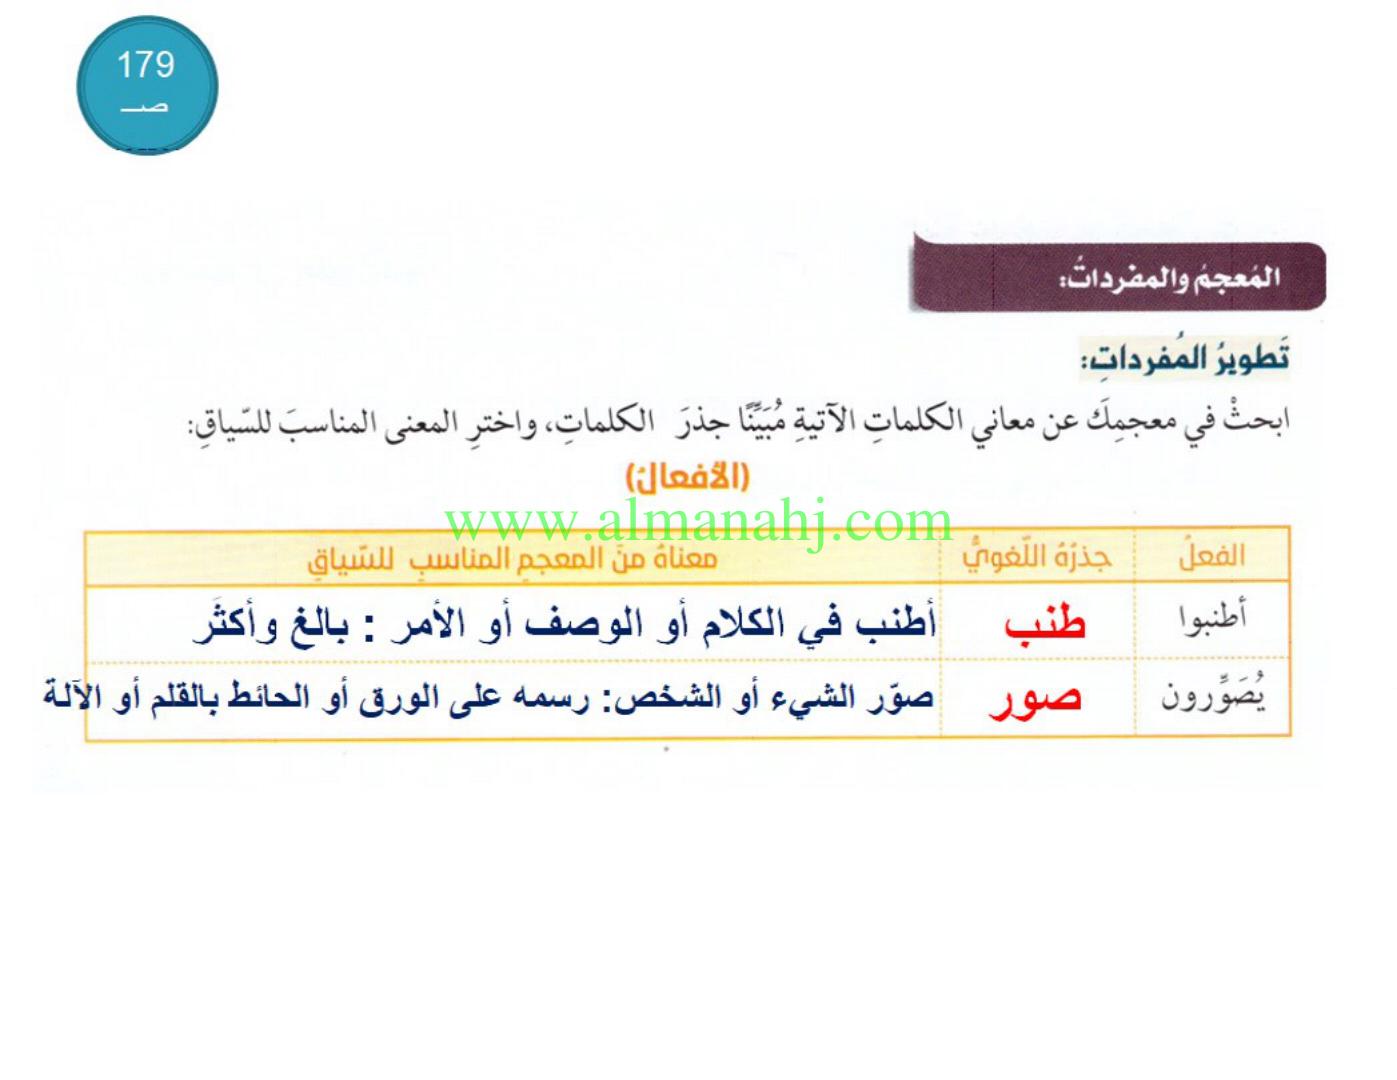 رحلة ابن بطوطة الصف التاسع لغة عربية الفصل الثاني المناهج